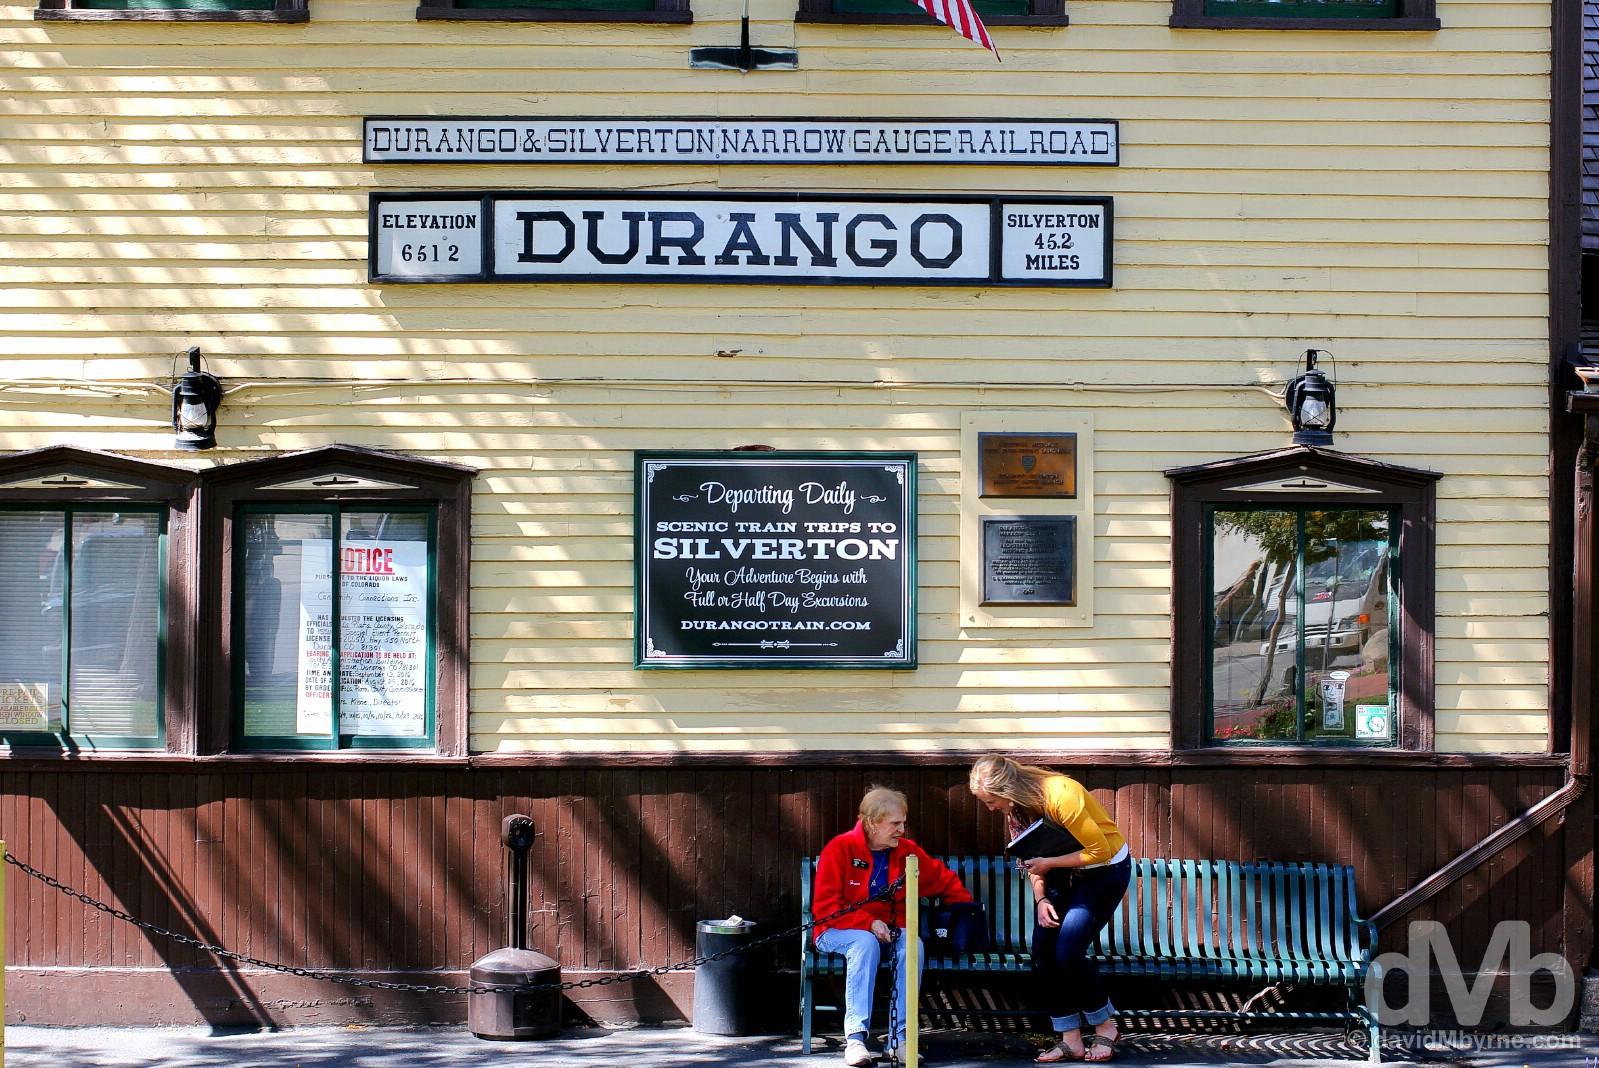 The Durango & Silverton Narrow Gauge Railroad Depot, Main Avenue, Durango, Colorado. September 12, 2016.